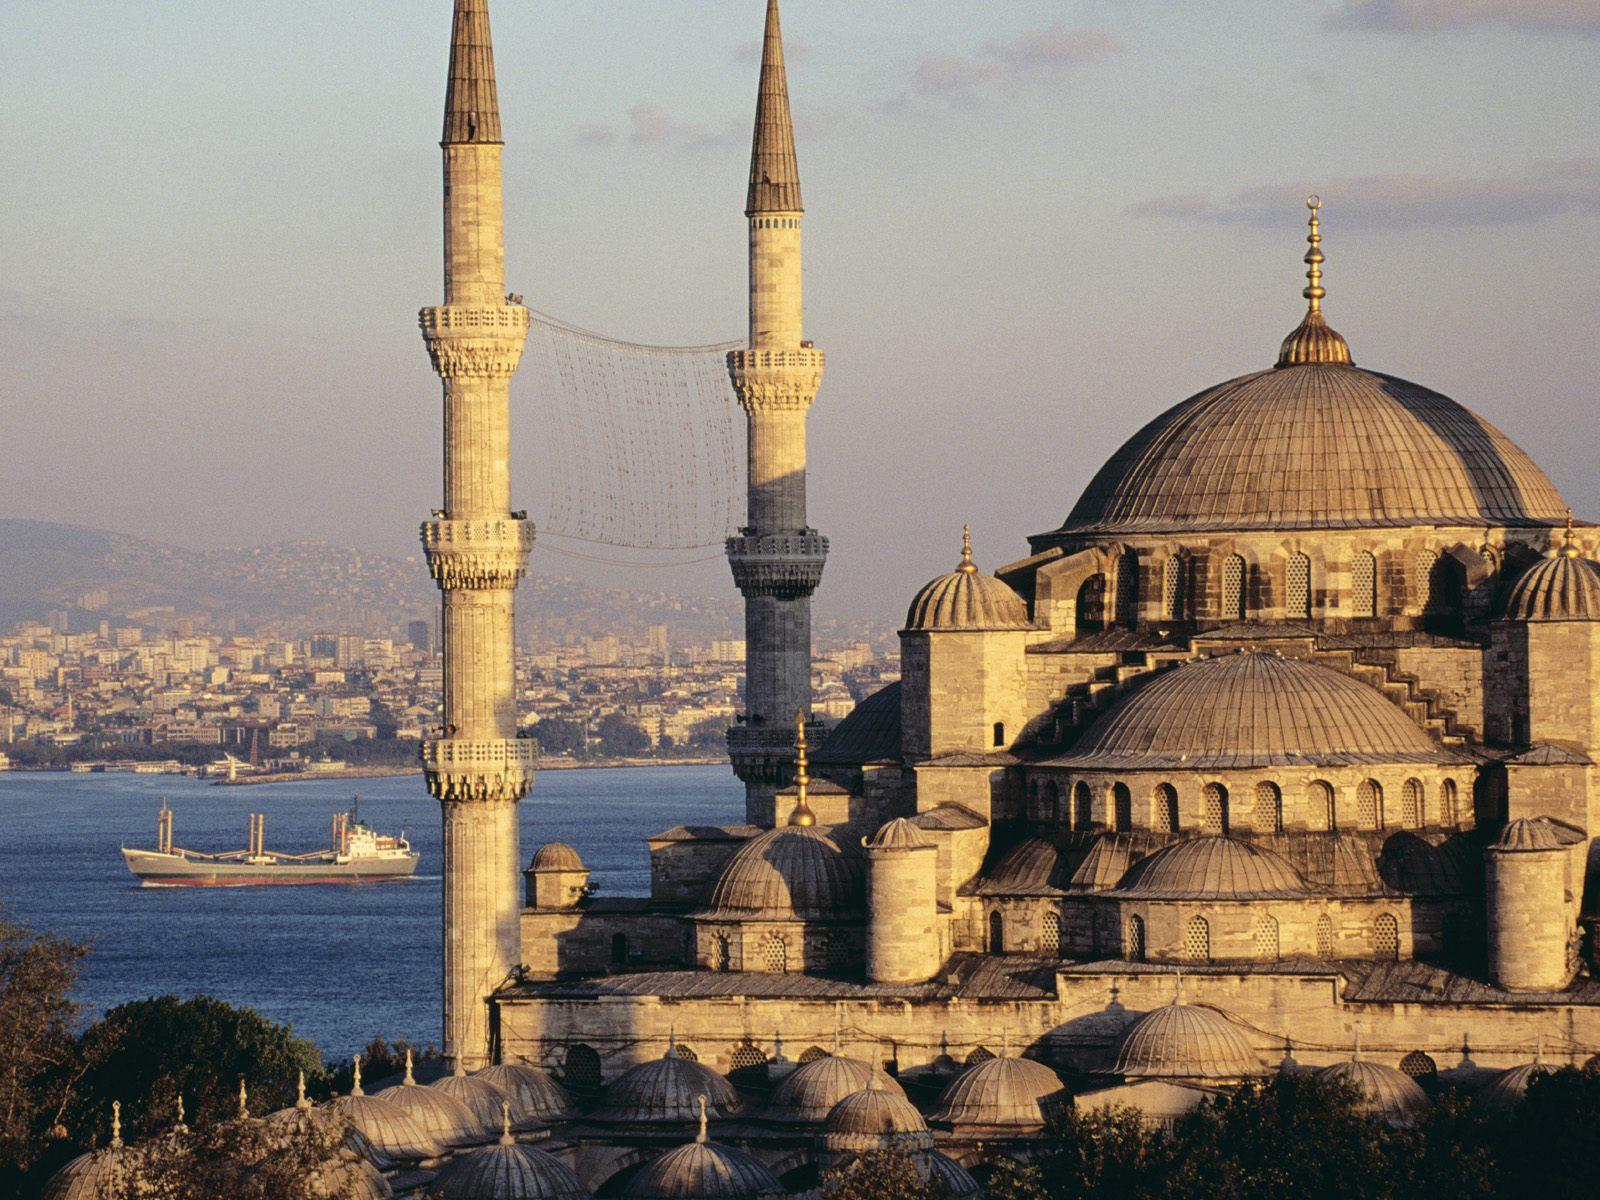 http://3.bp.blogspot.com/_b-YuSdvMmaQ/Swl0kSPWRhI/AAAAAAAADmA/NuLSxg4et4Y/s1600/Blue+Mosque+and+the+Bosphorus,+Istanbul,+Turkey.jpg